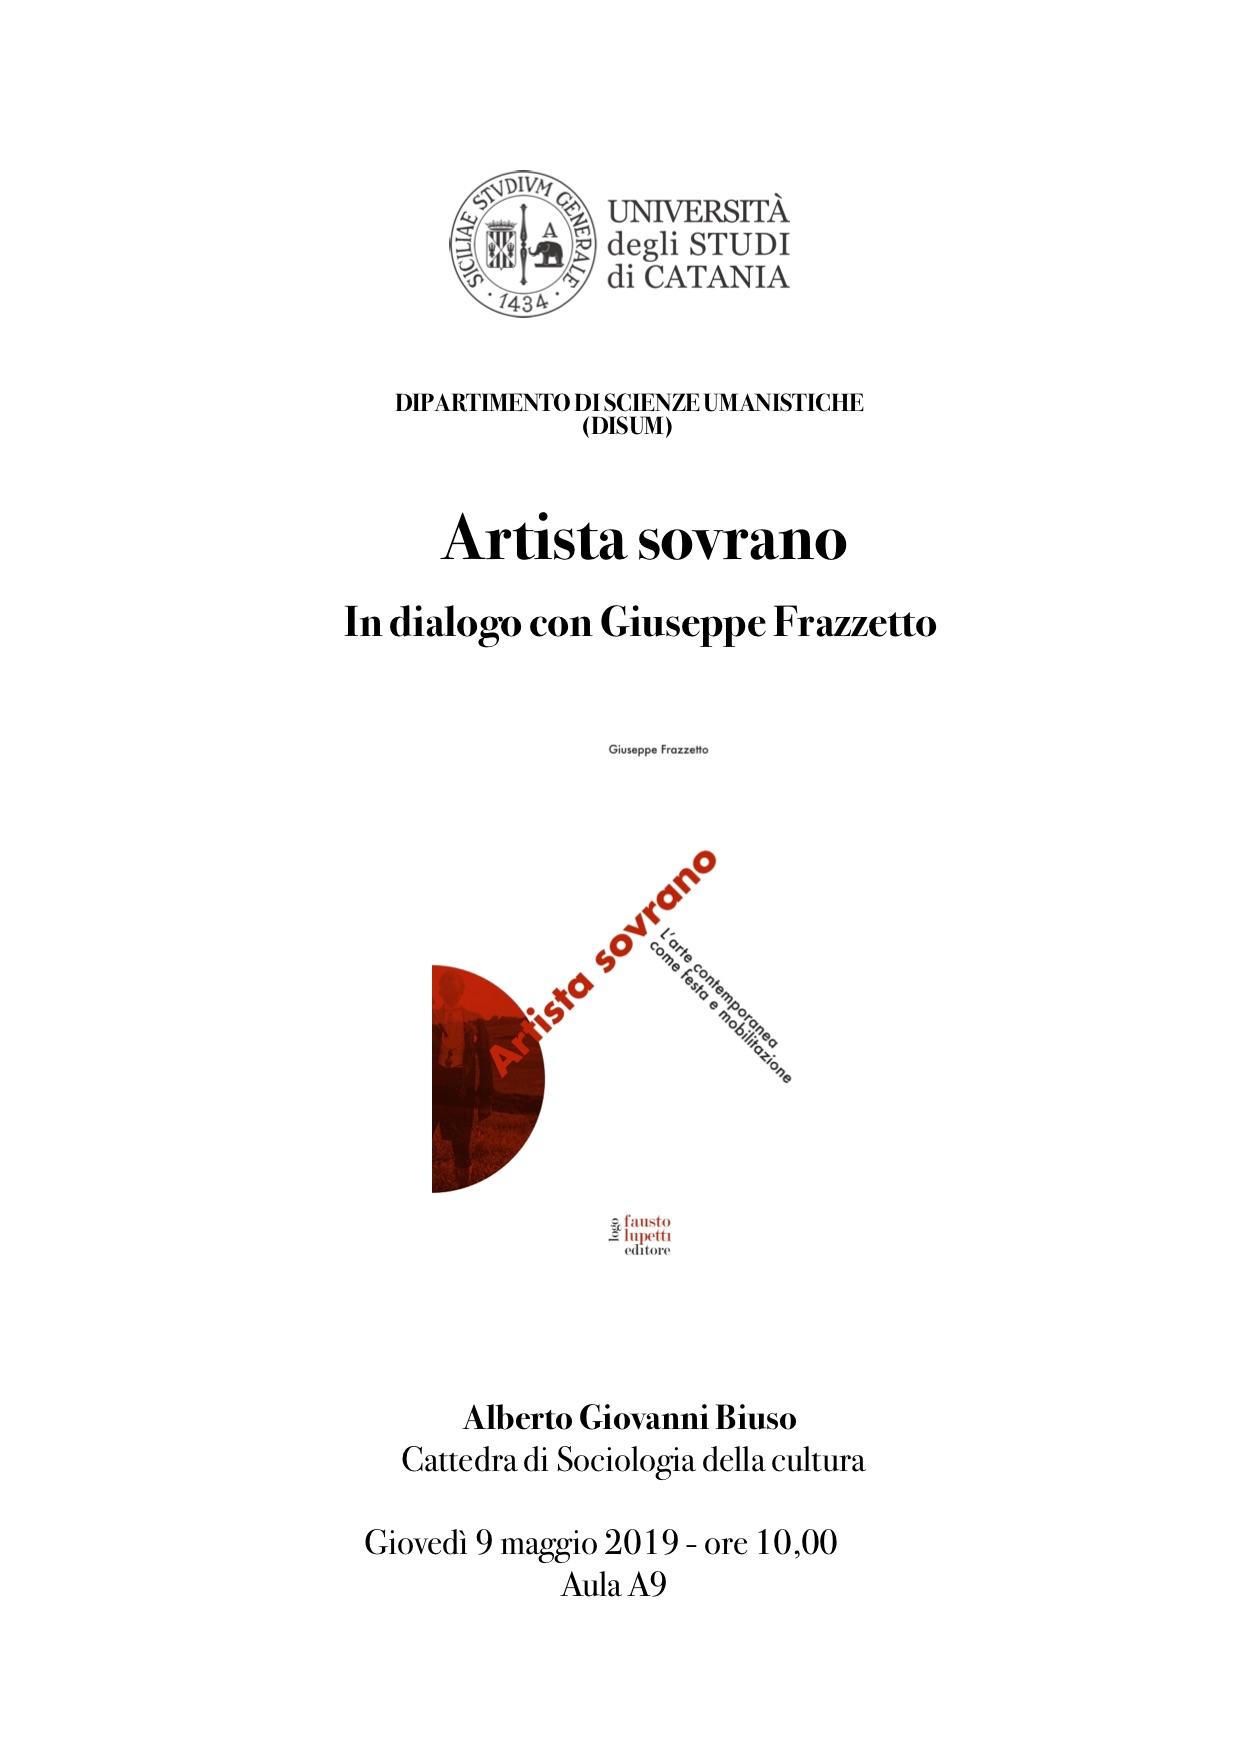 Disum Calendario Esami.Scheda Docente Corso Di Laurea In Lettere